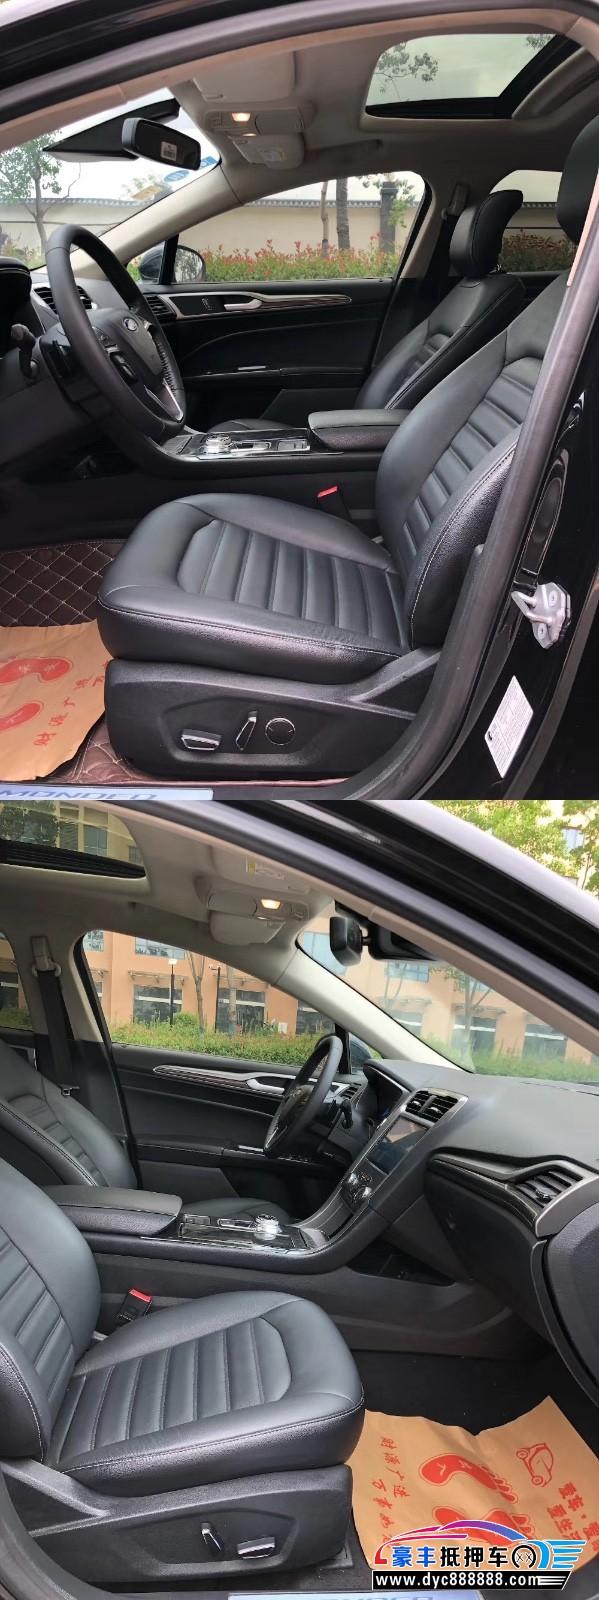 18年福特蒙迪欧轿车抵押车出售